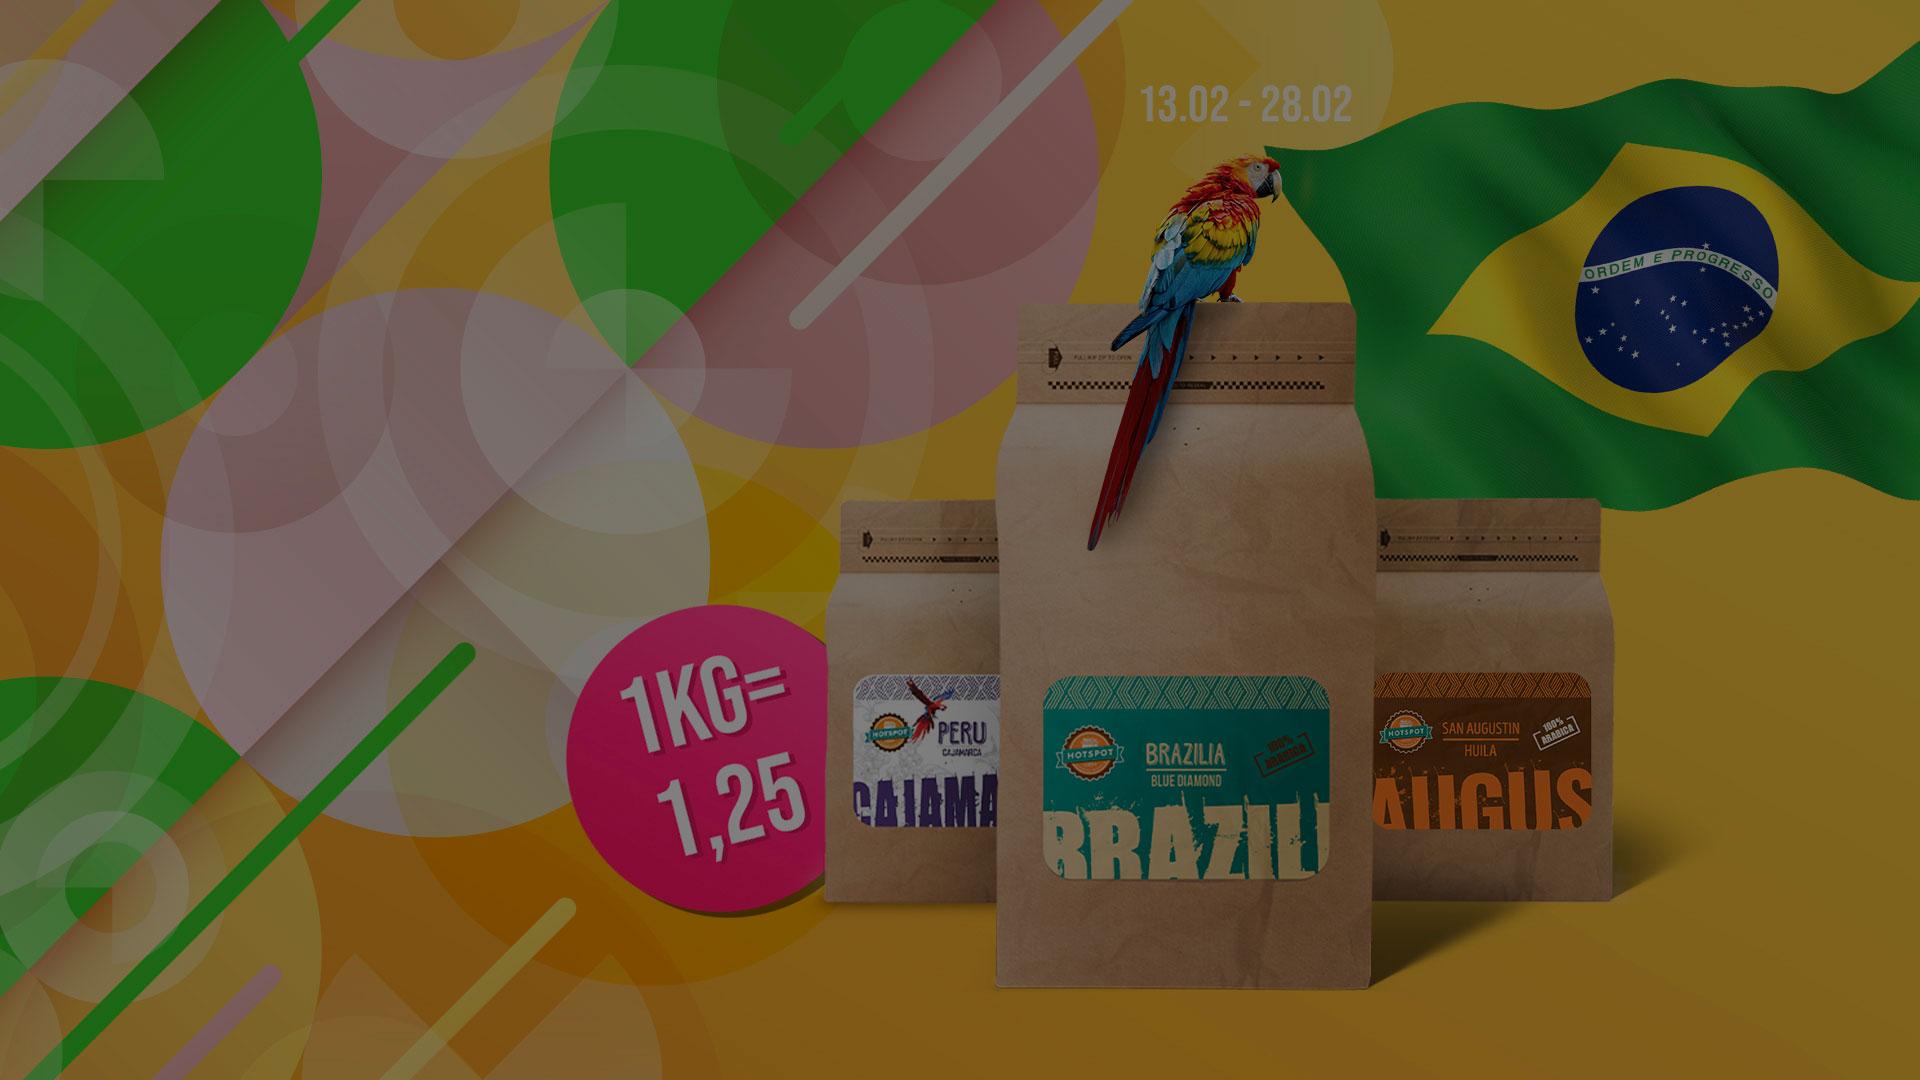 Încercați adevăratul gust al carnavalului brazilian